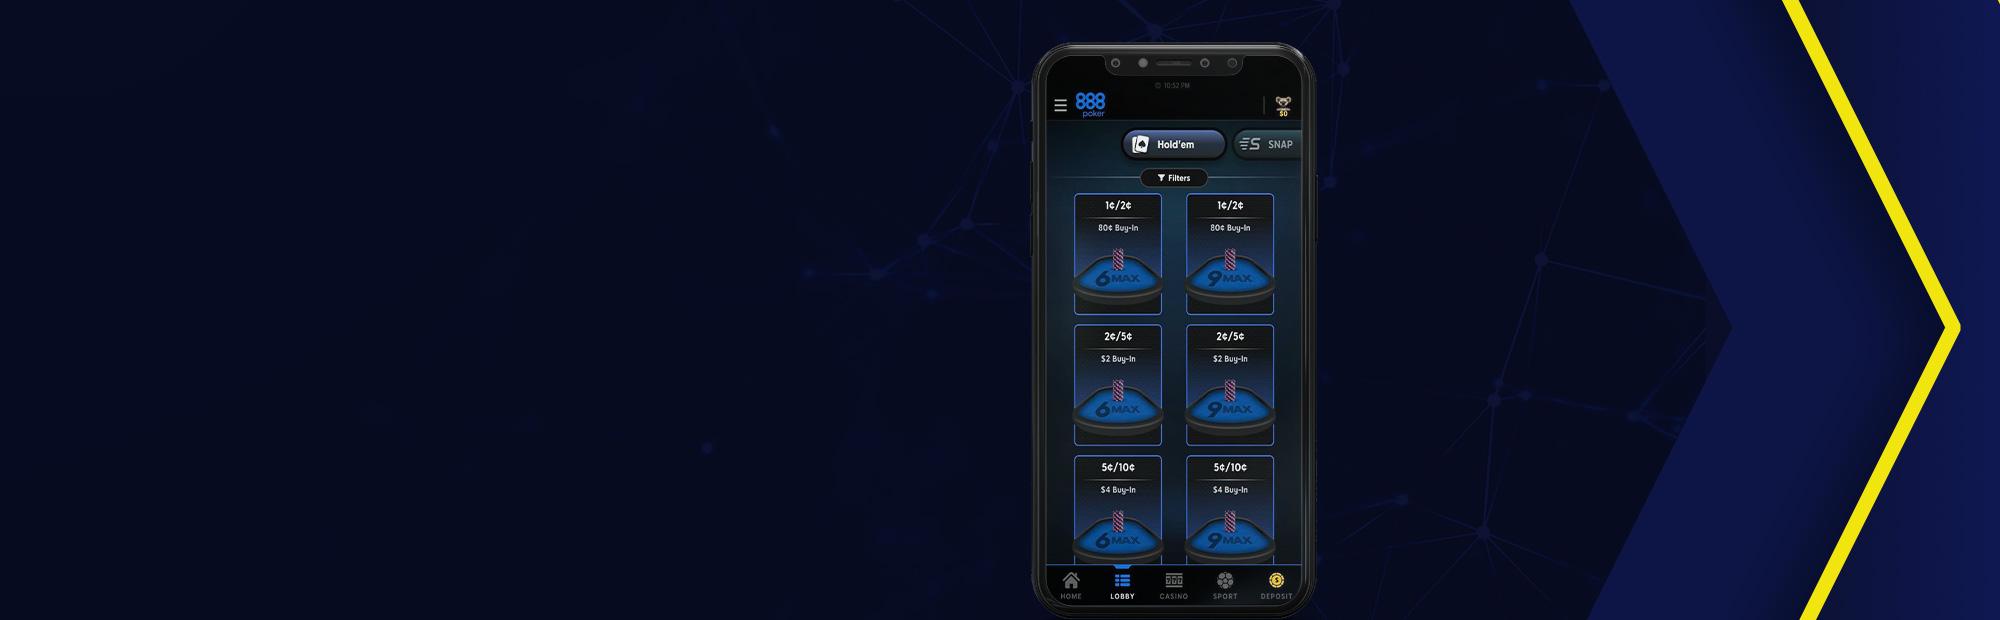 Клиент 888poker на iOS.